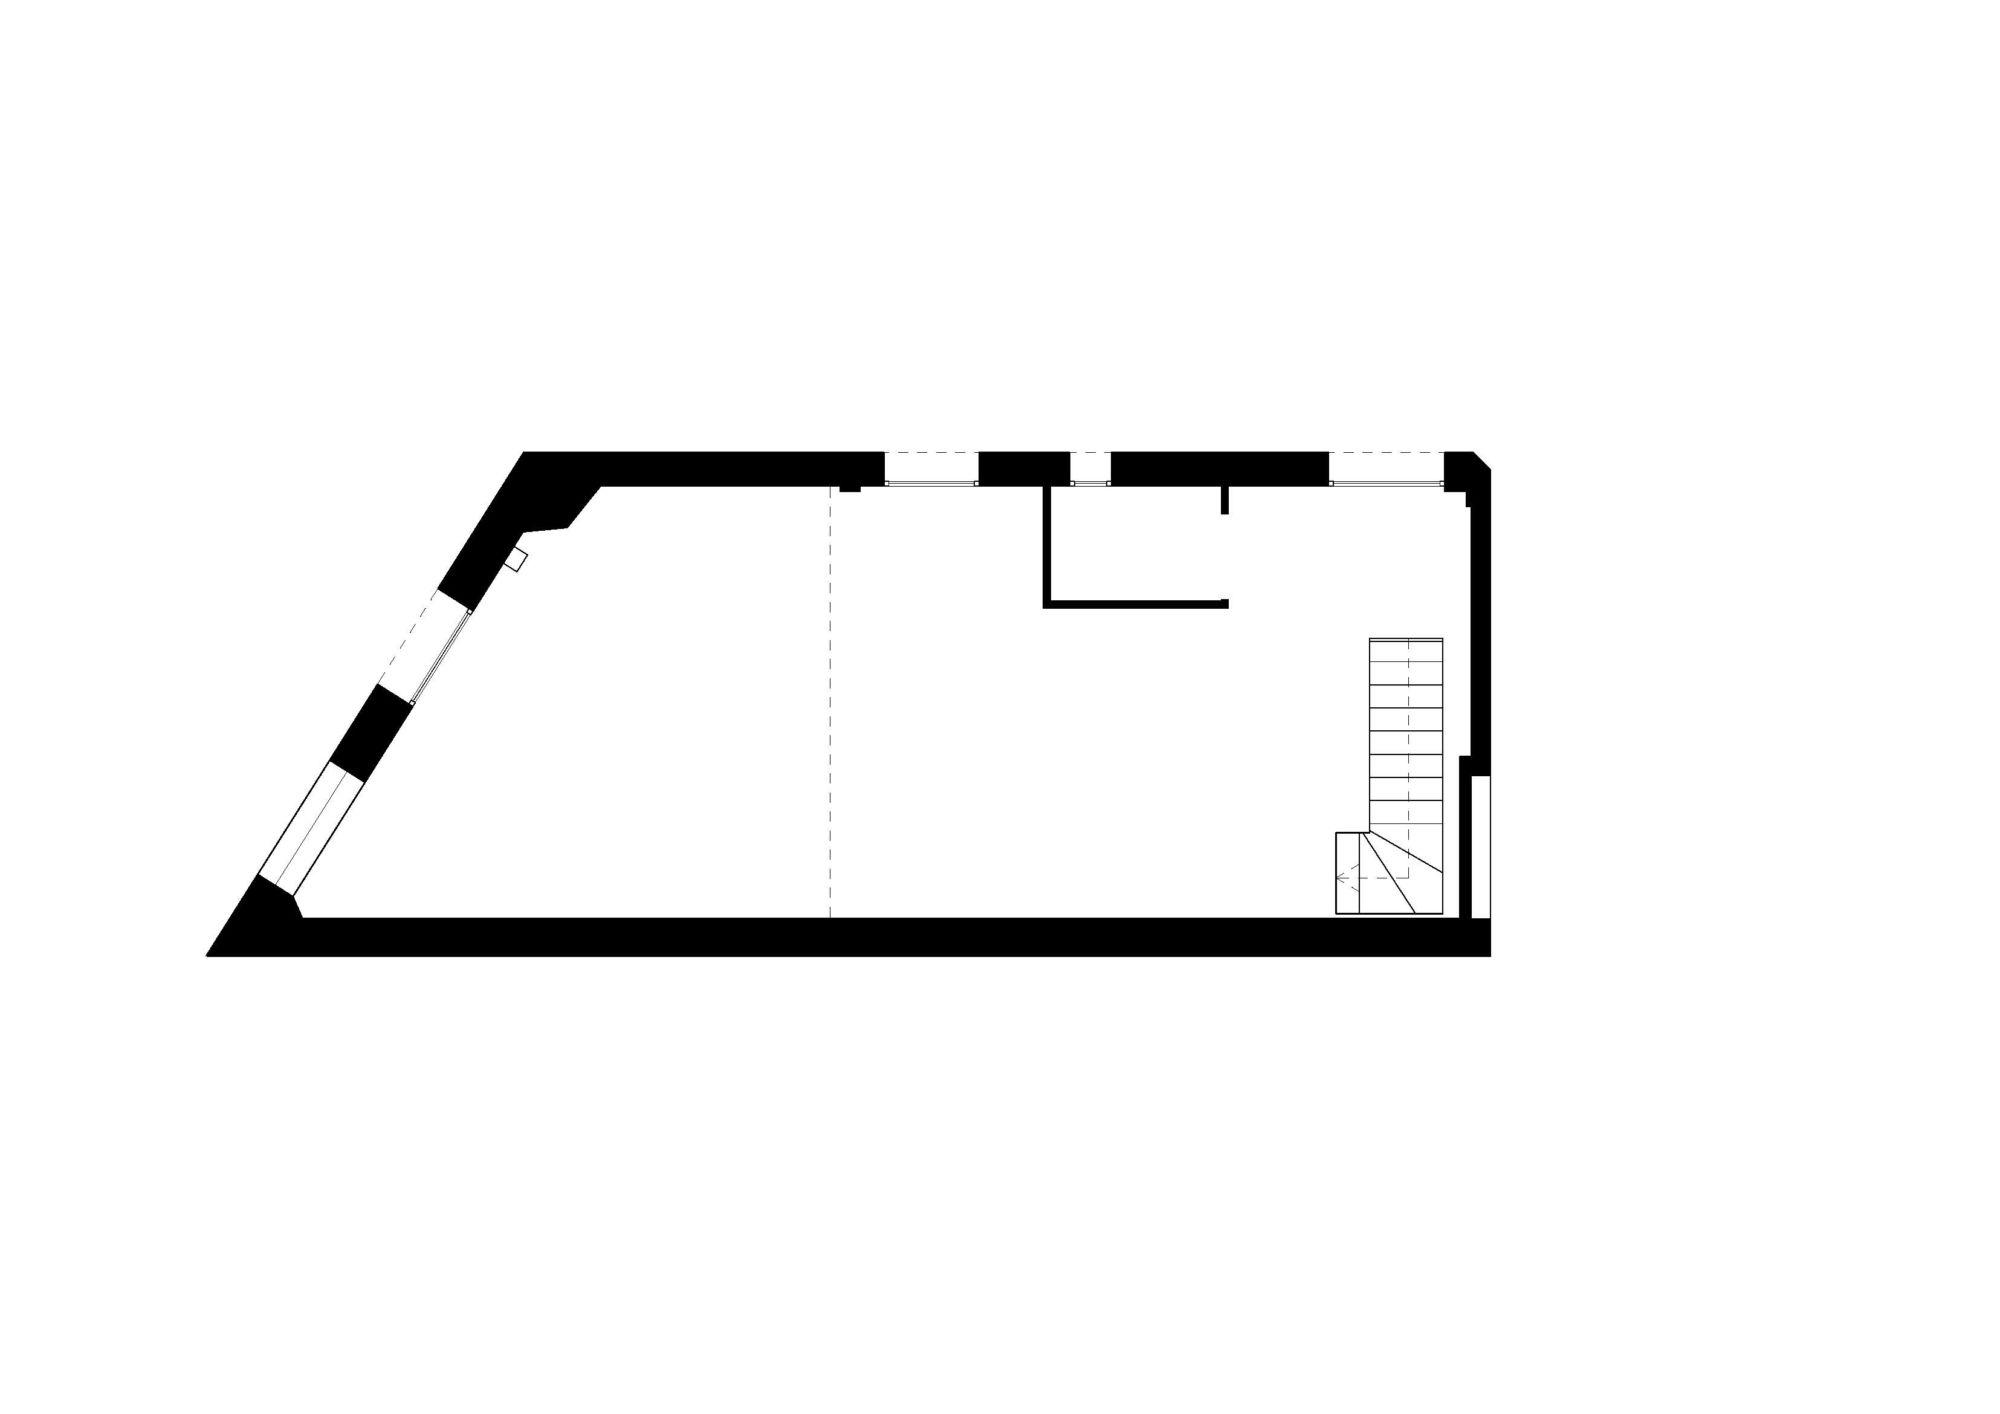 Perspective de construction d'une élévation avec bardage bois et baie vitrée de bureau à champigny par l'agence DIxHeuresDix. Architecture, 3D, image, GraphismeRéalisation - 3D, graphisme, design, perspective, architecture, création étage, sur-élévation, bardage bois